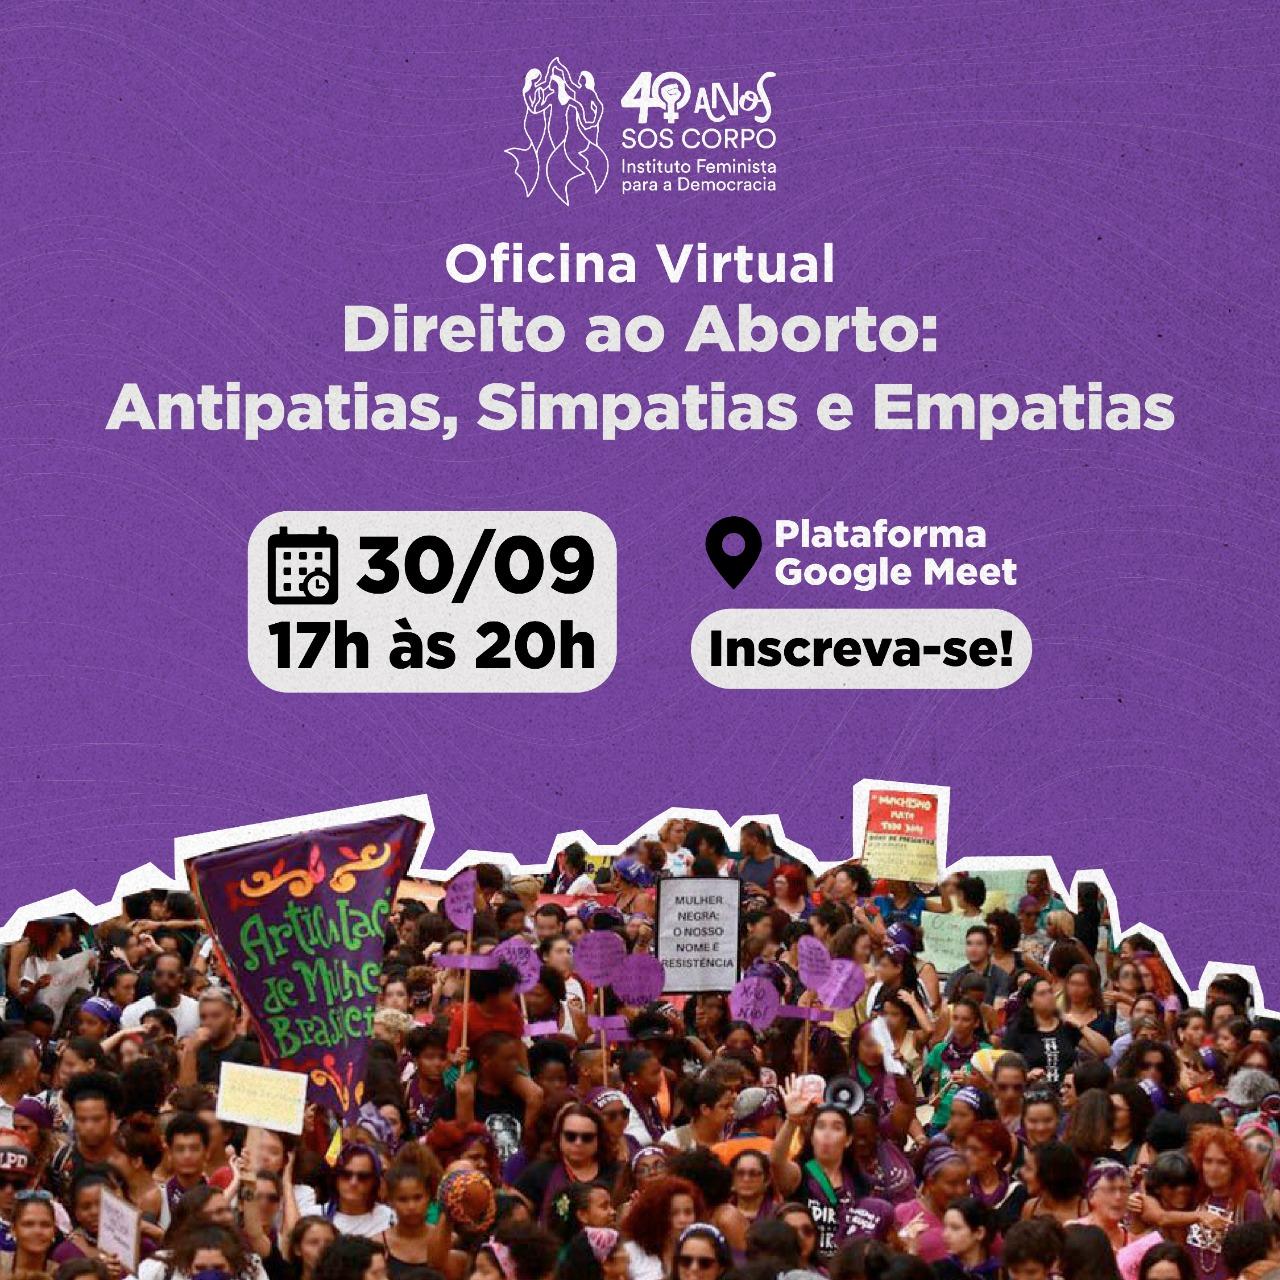 SOS Corpo oferece Oficina Virtual sobre Direito ao Aborto